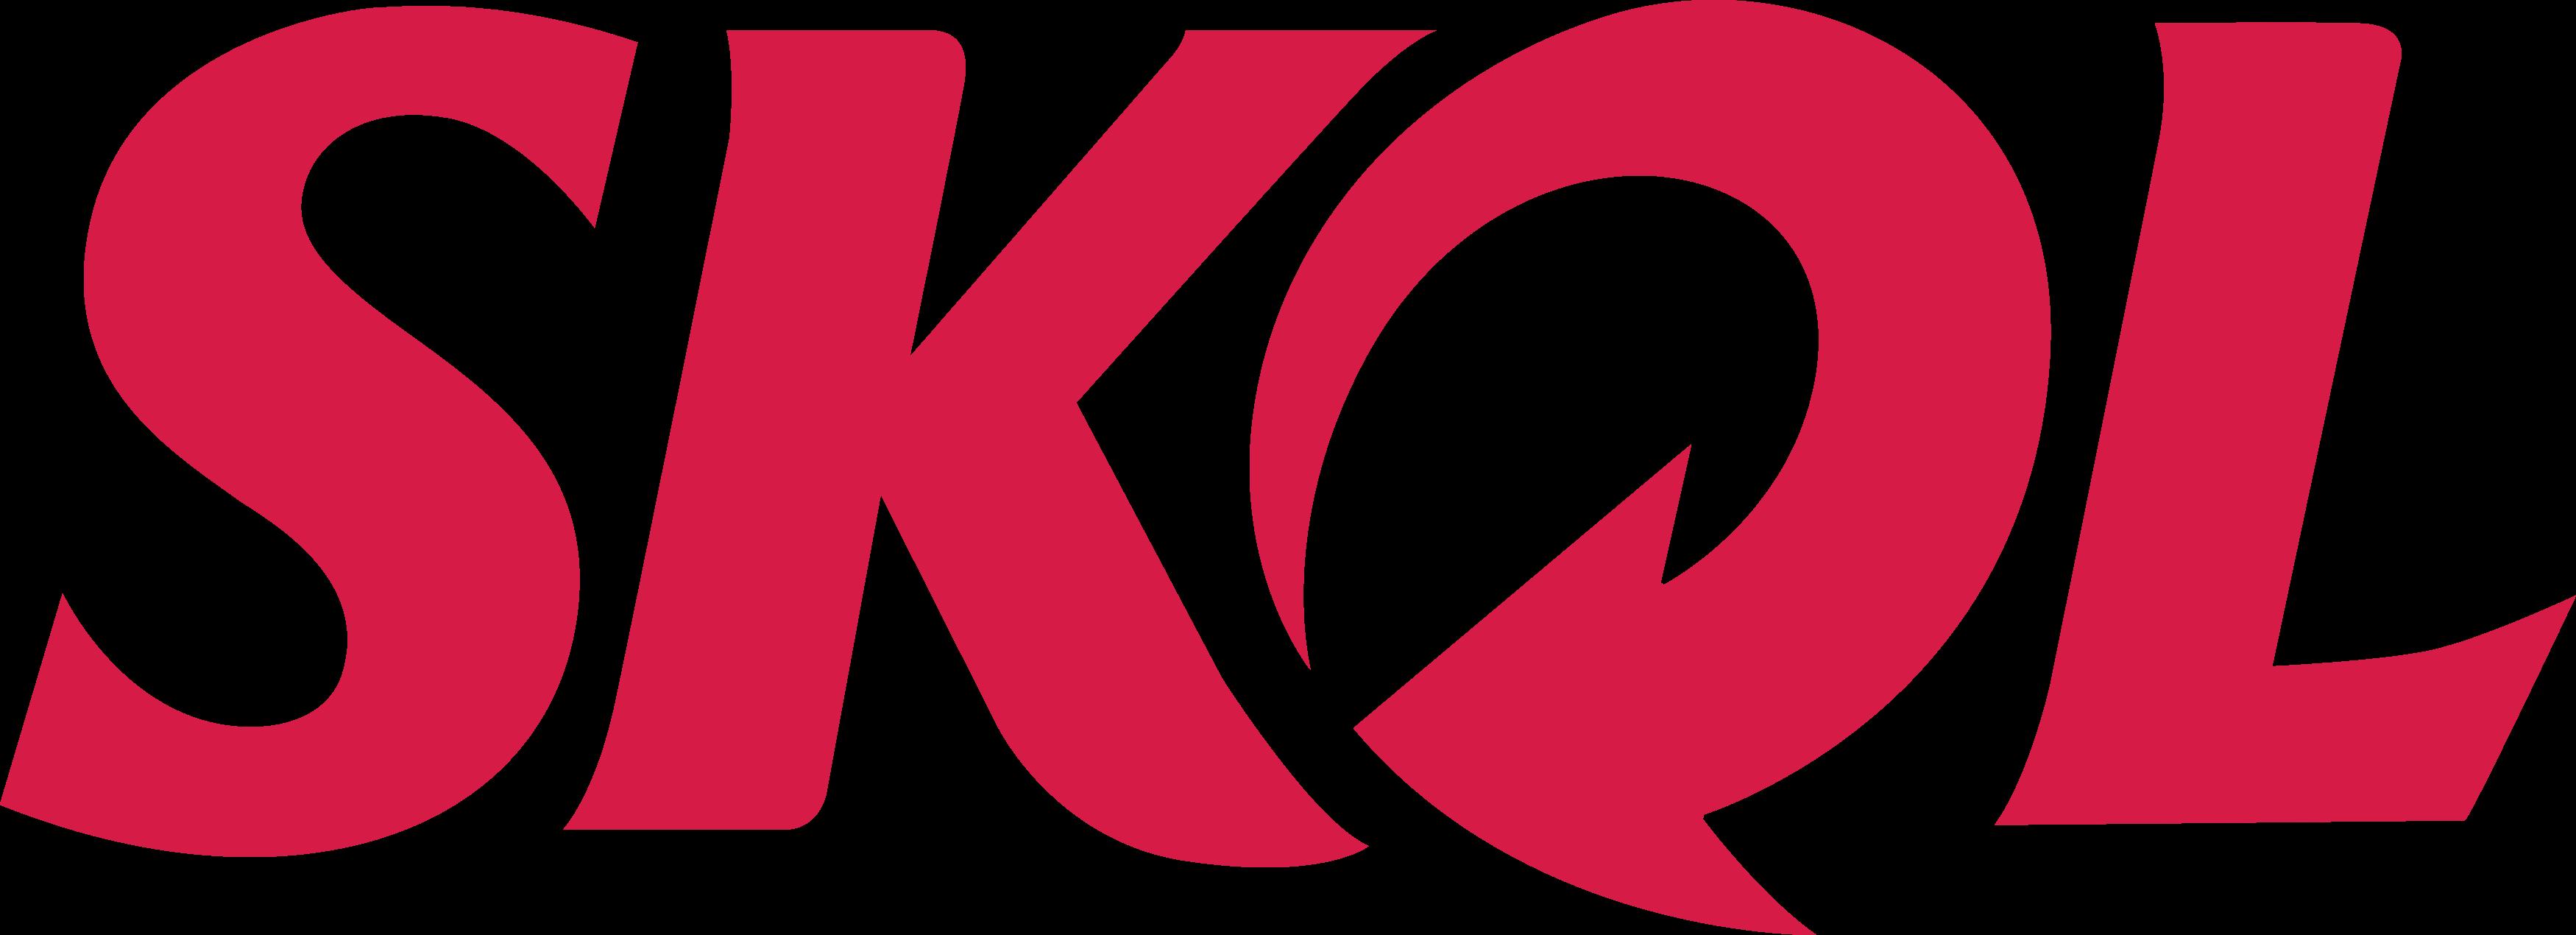 Skol logo - Skol Logo